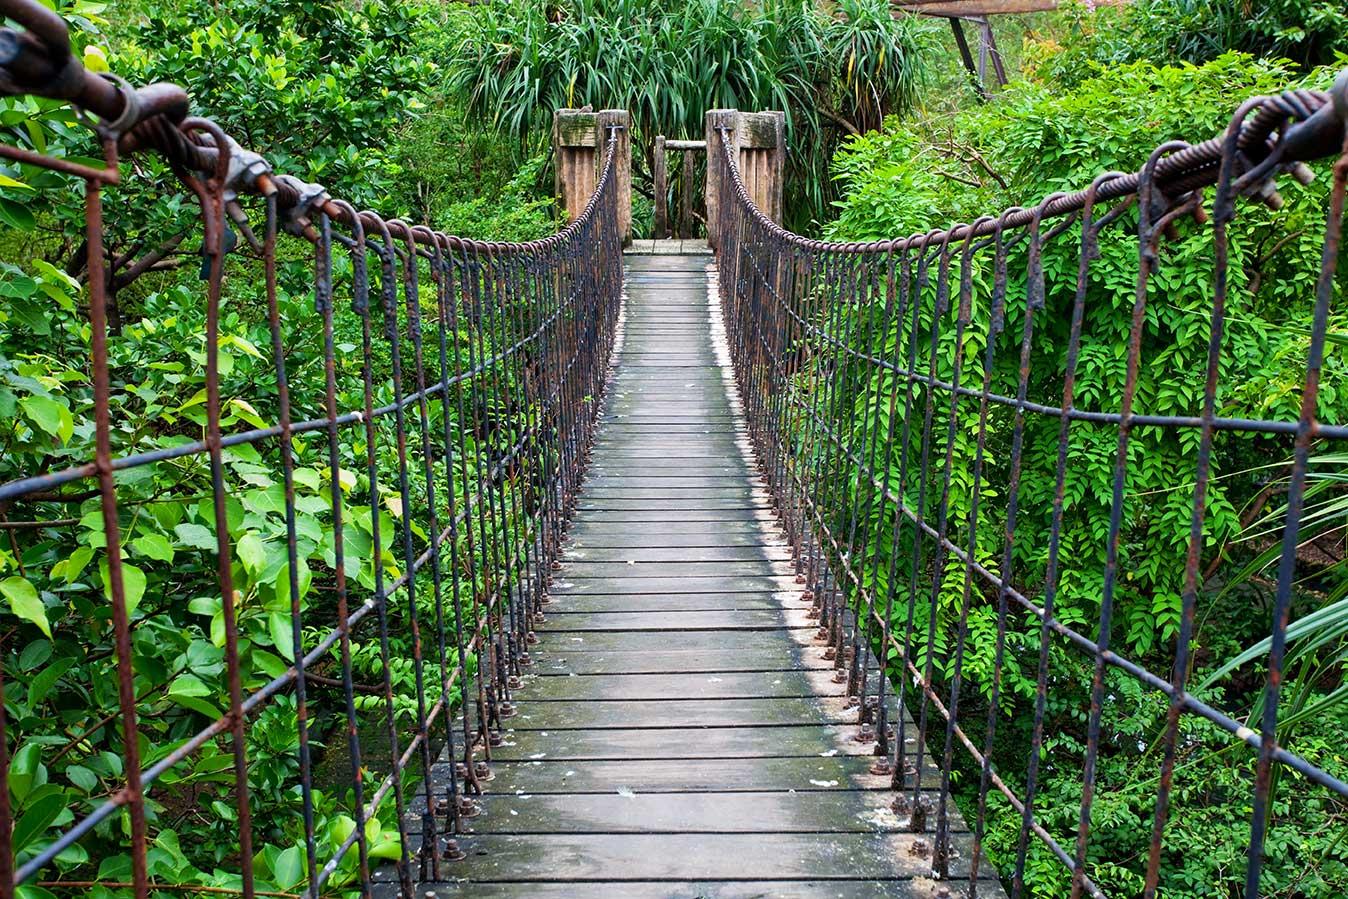 Fotobehang Hangbrug Jungle De Fabriek Muurstickers